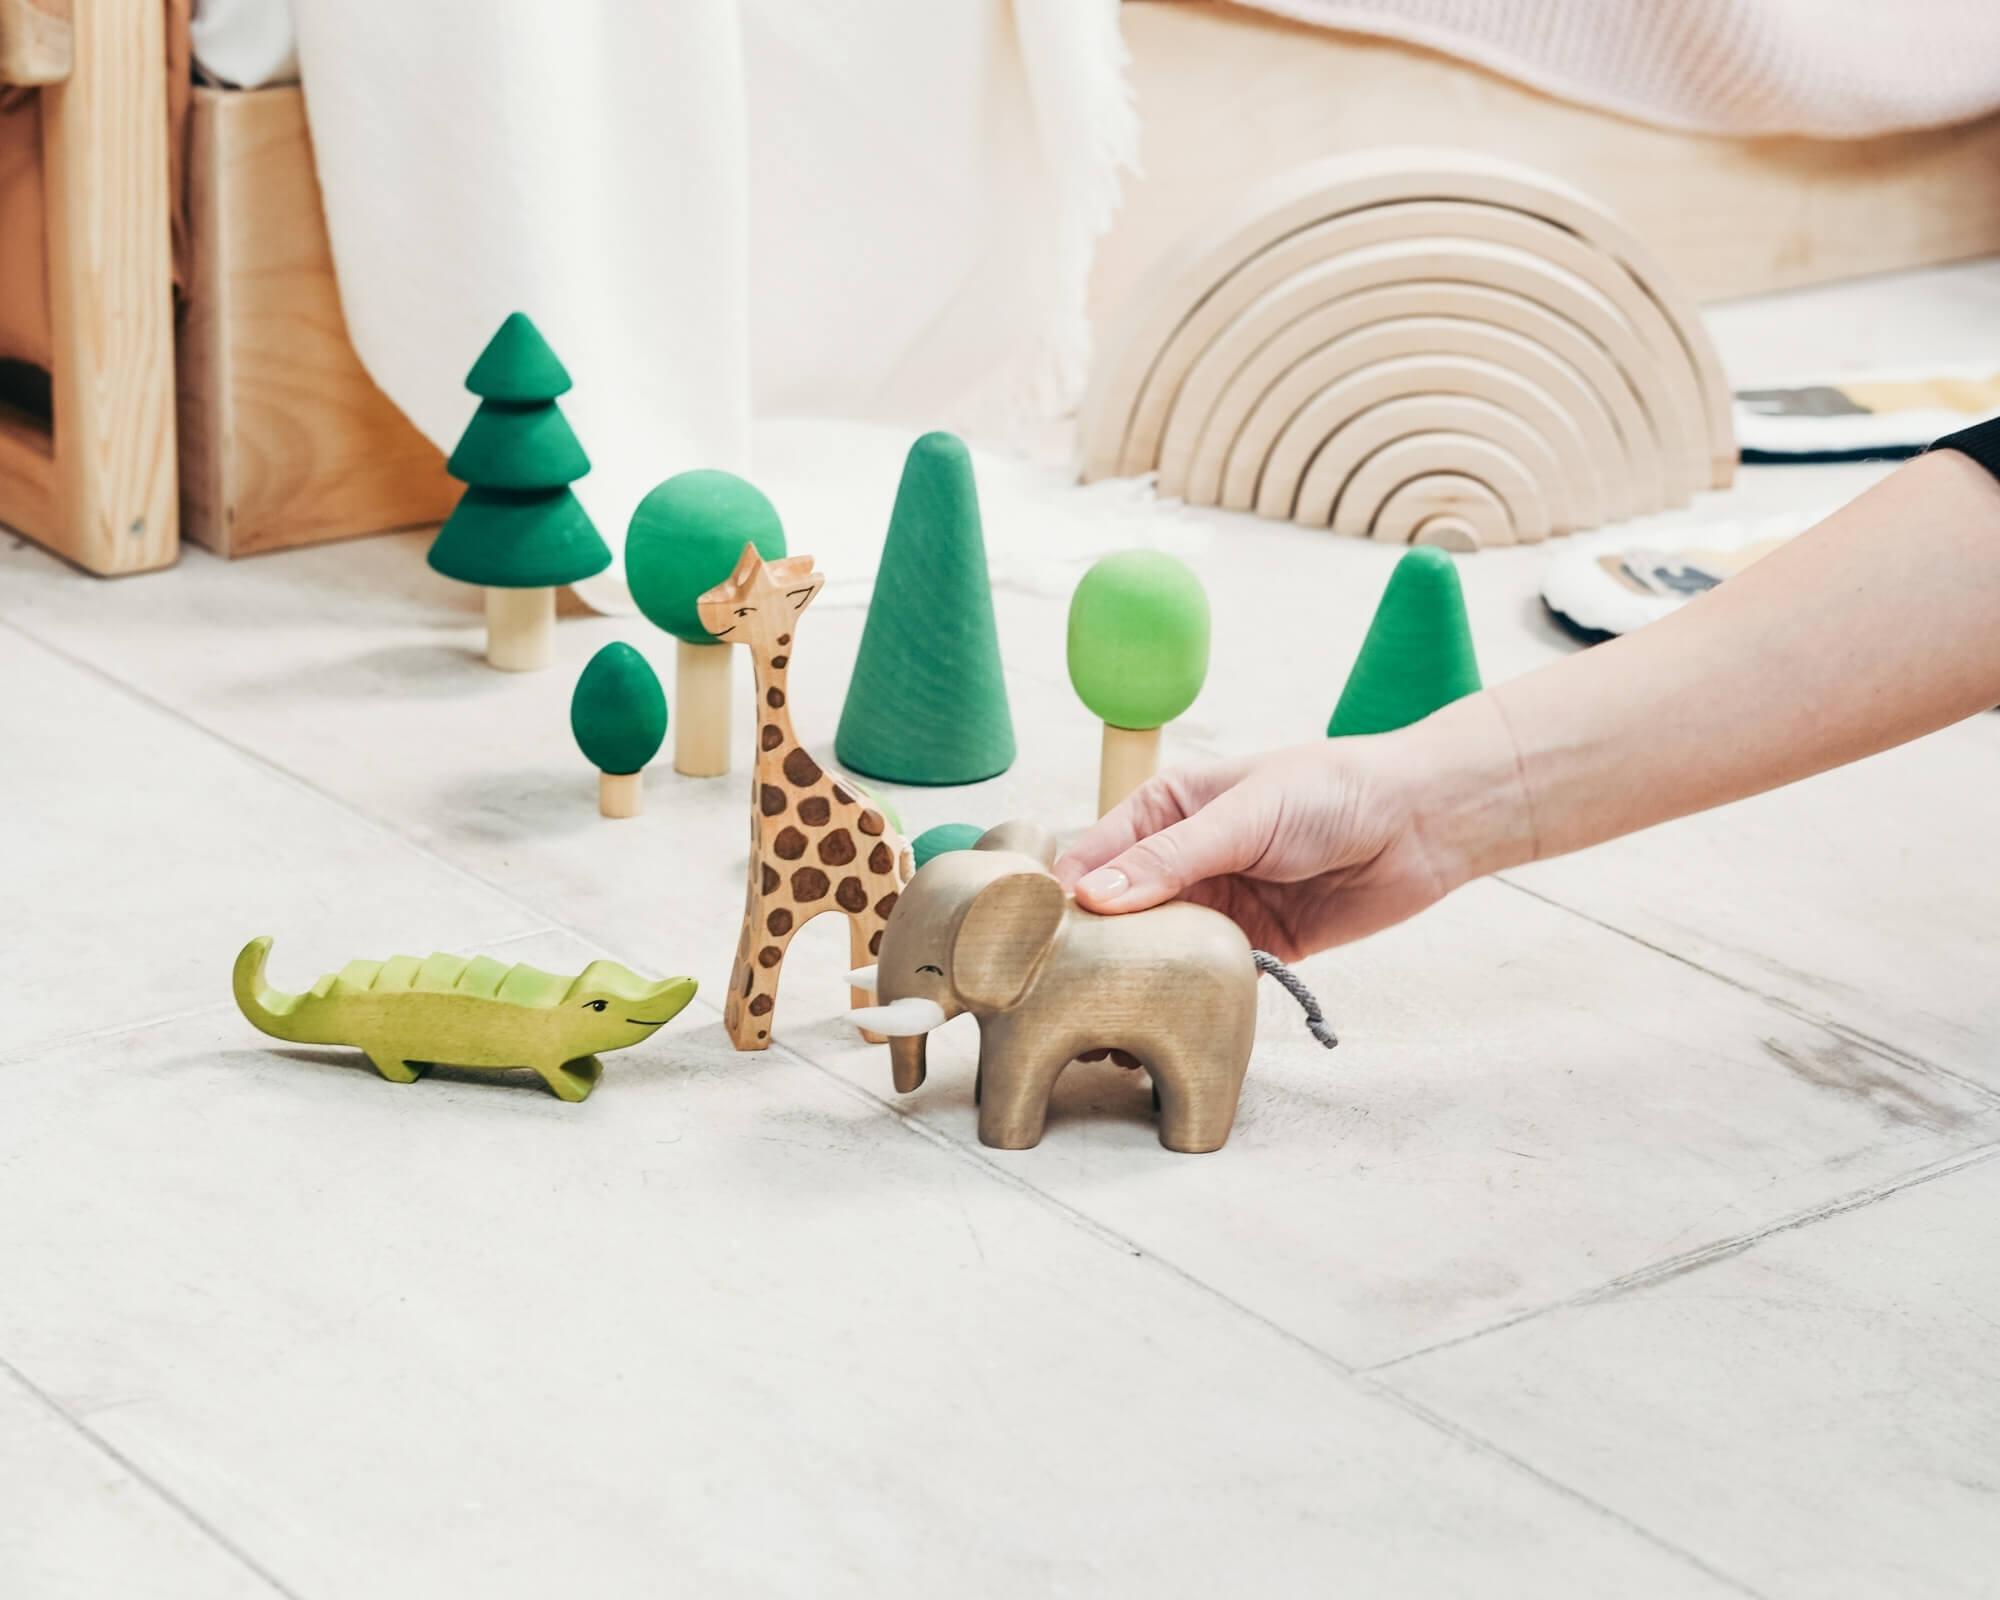 juguetes de madera que se pueden vender por Internet